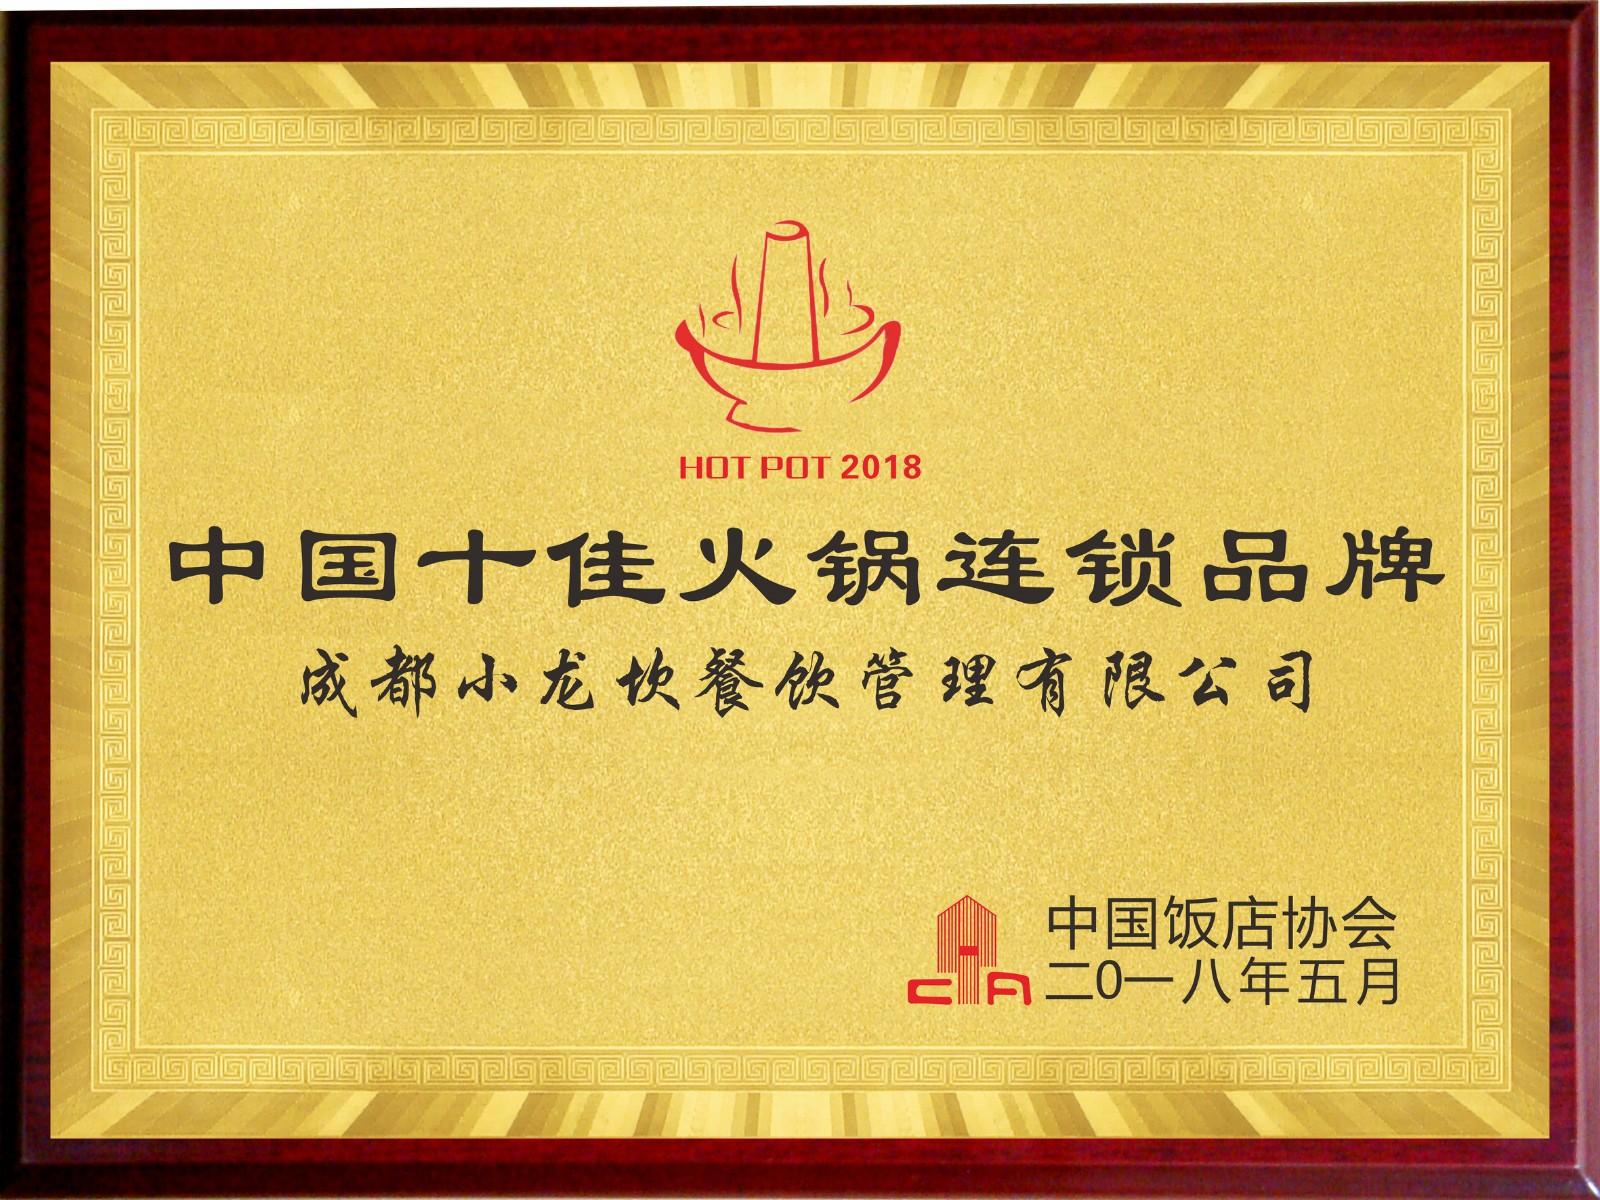 Xiaolongkan honored with 2018